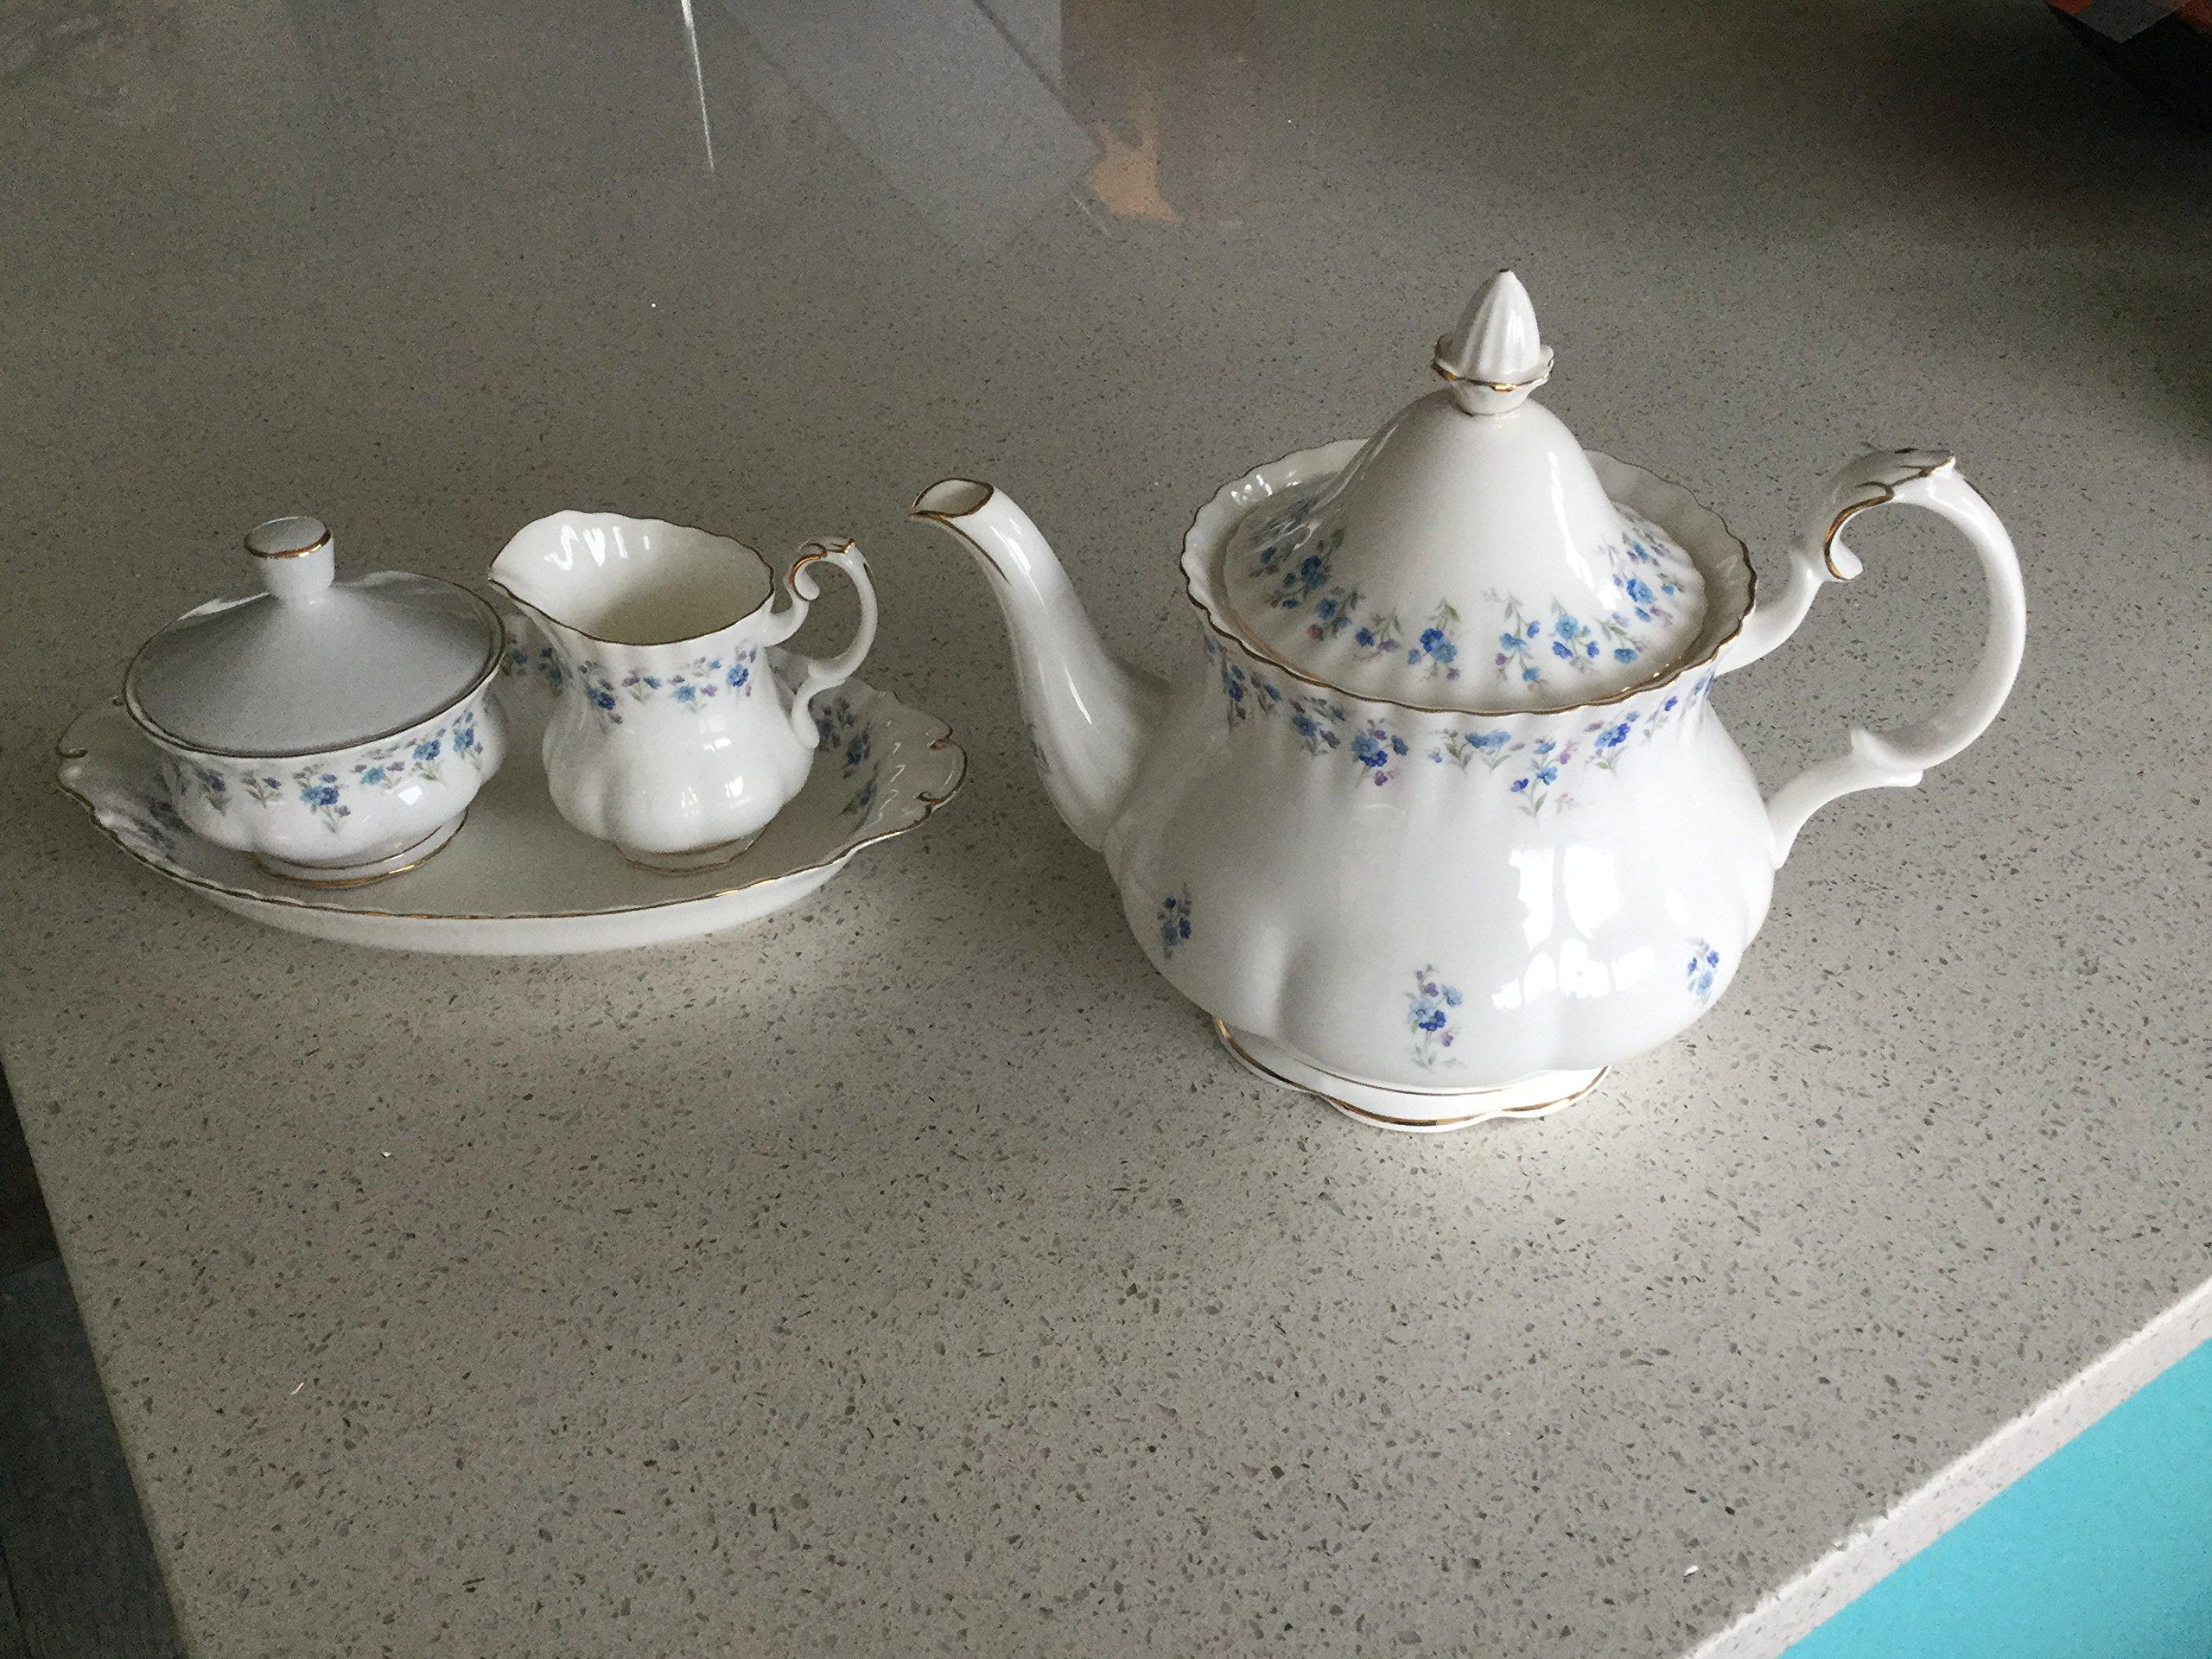 ROYAL ALBERT MEMORY LANE LARGE TEA POT. (FIRST QUALITY, MADE IN UK)